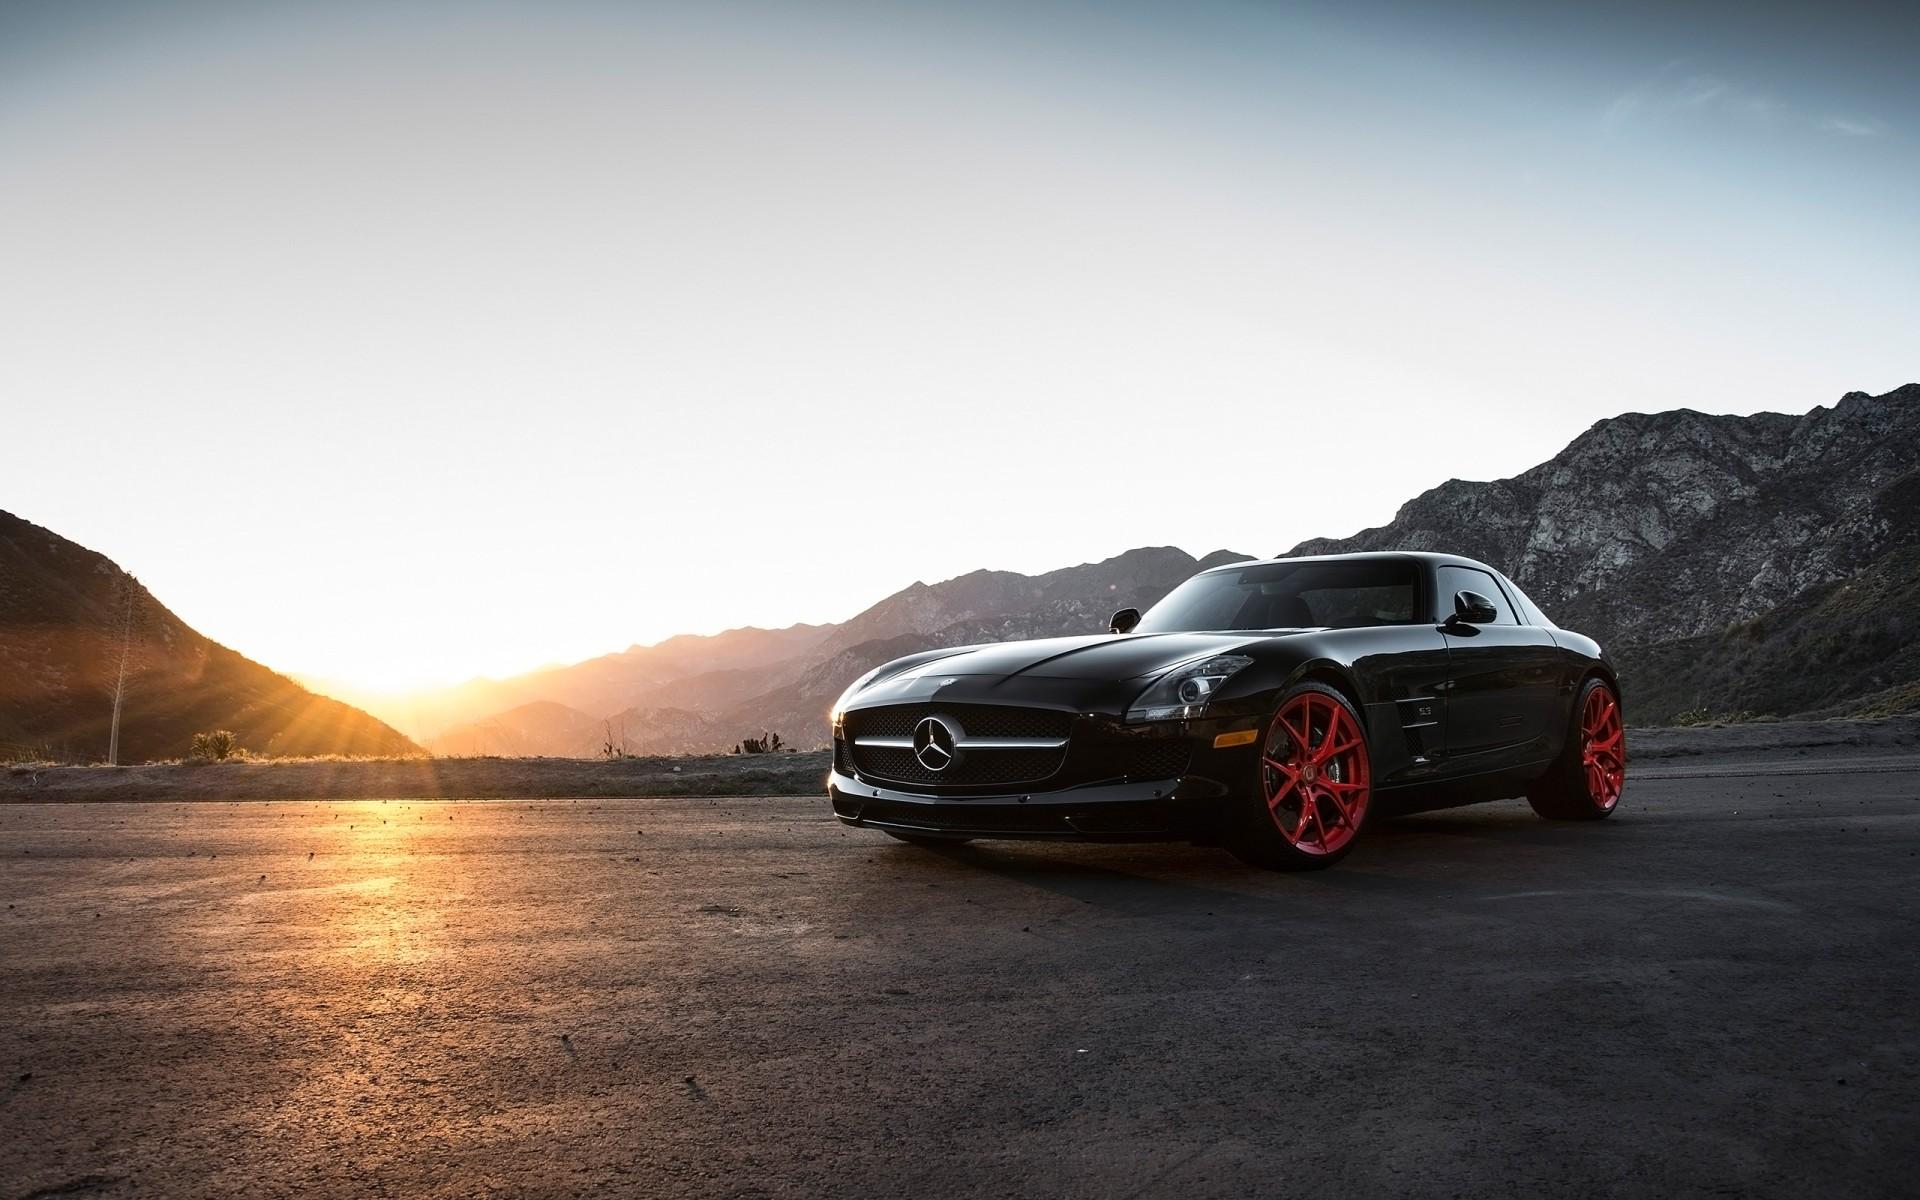 Cool Car Wallpapers 500 2015 Klassen Mercedes Benz Sls Amg Wallpaper Hd Car